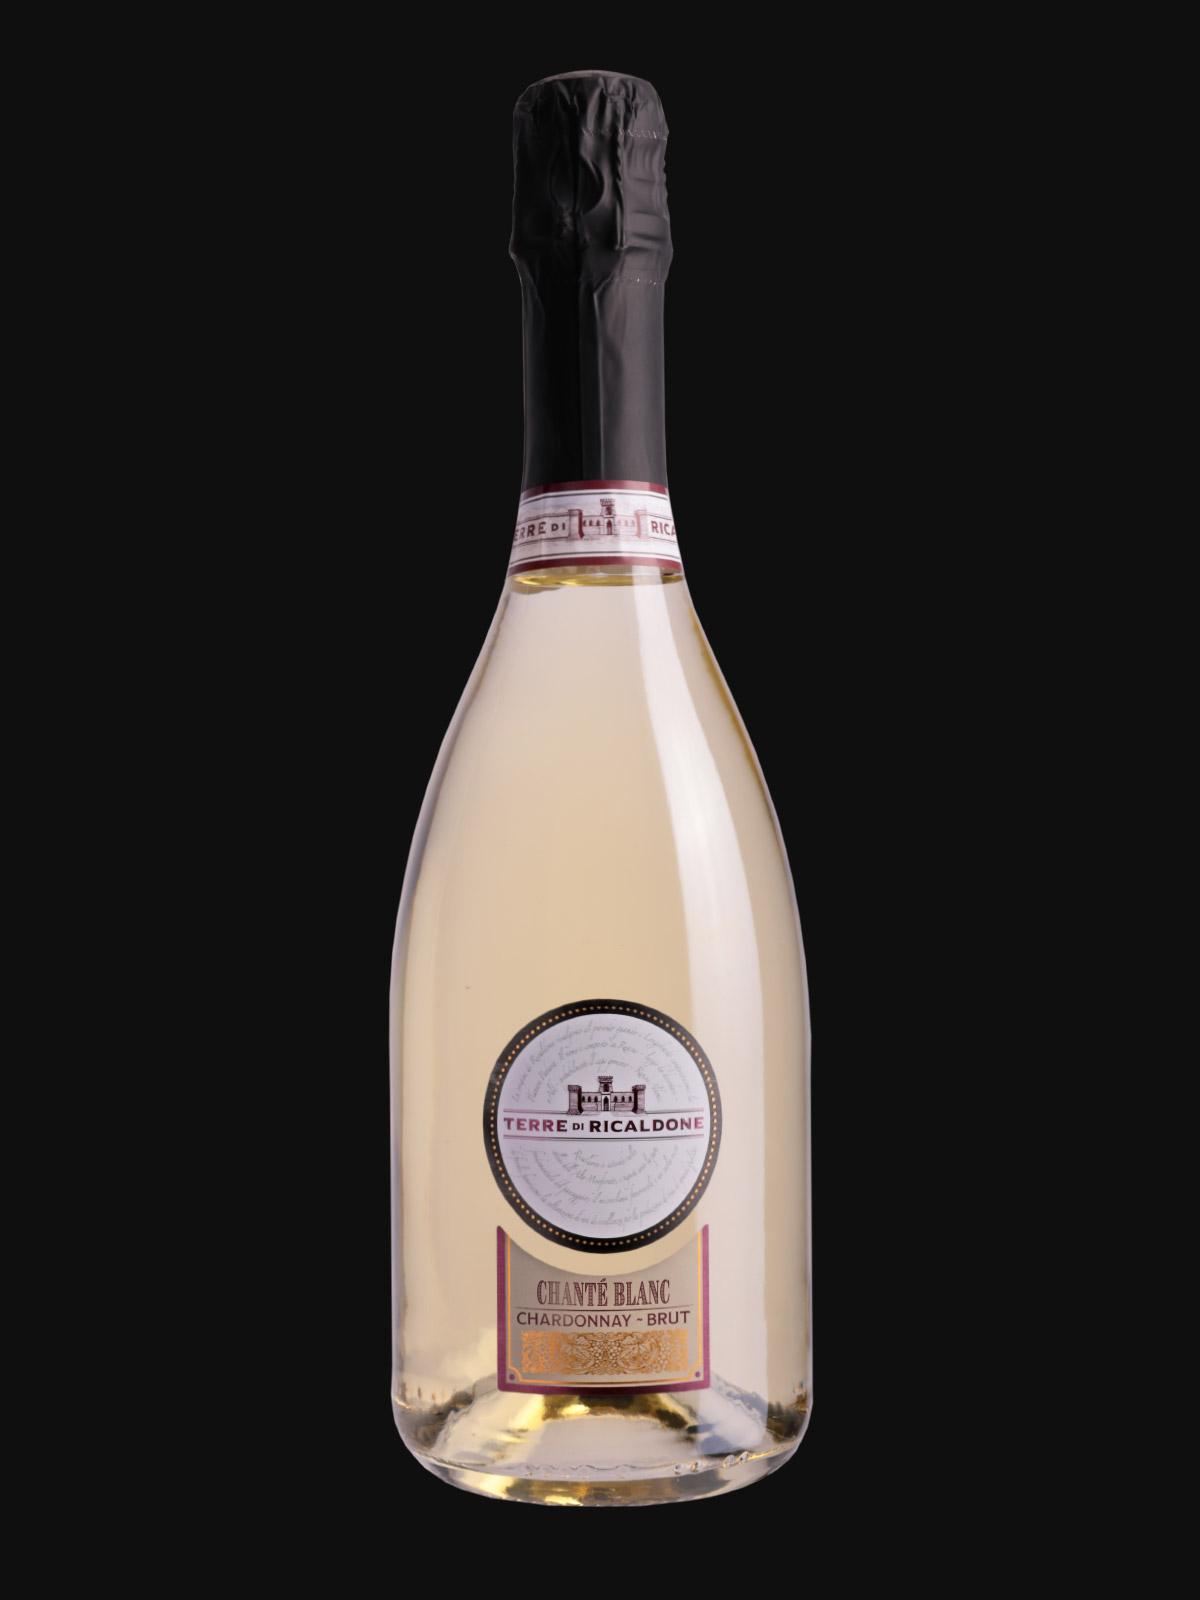 Terre di RicaldoneChante Blanc Chardonnay Brut